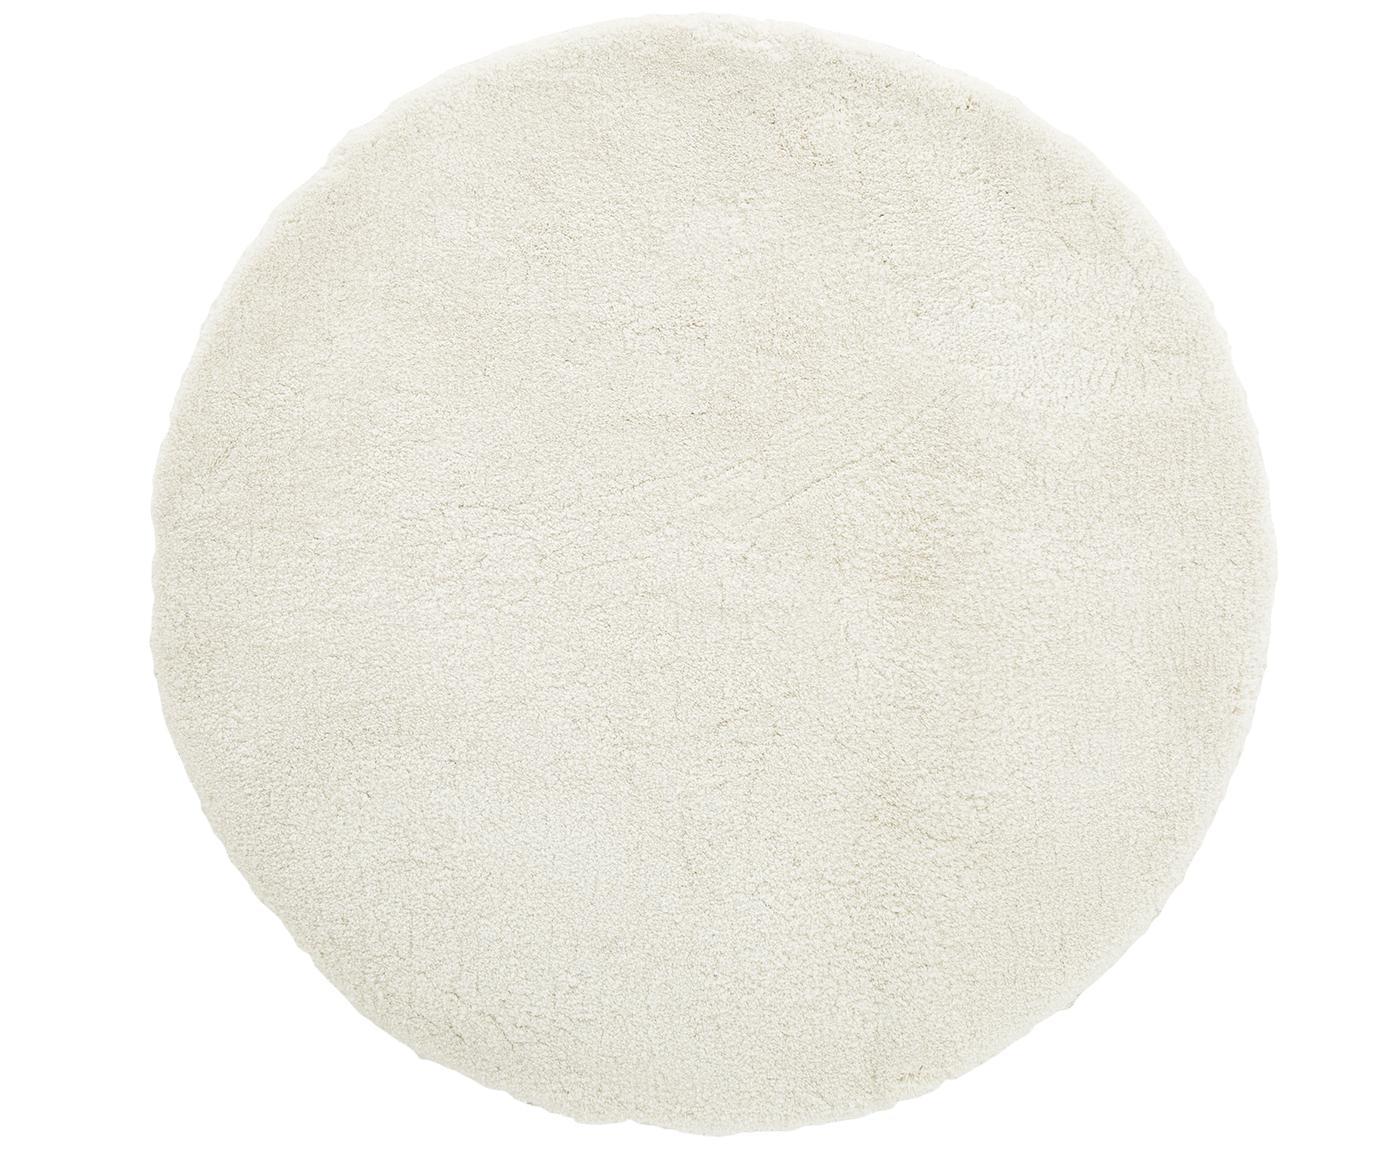 Tappeto peloso rotondo color crema Leighton, Retro: 100% poliestere, Crema, Ø 120 cm